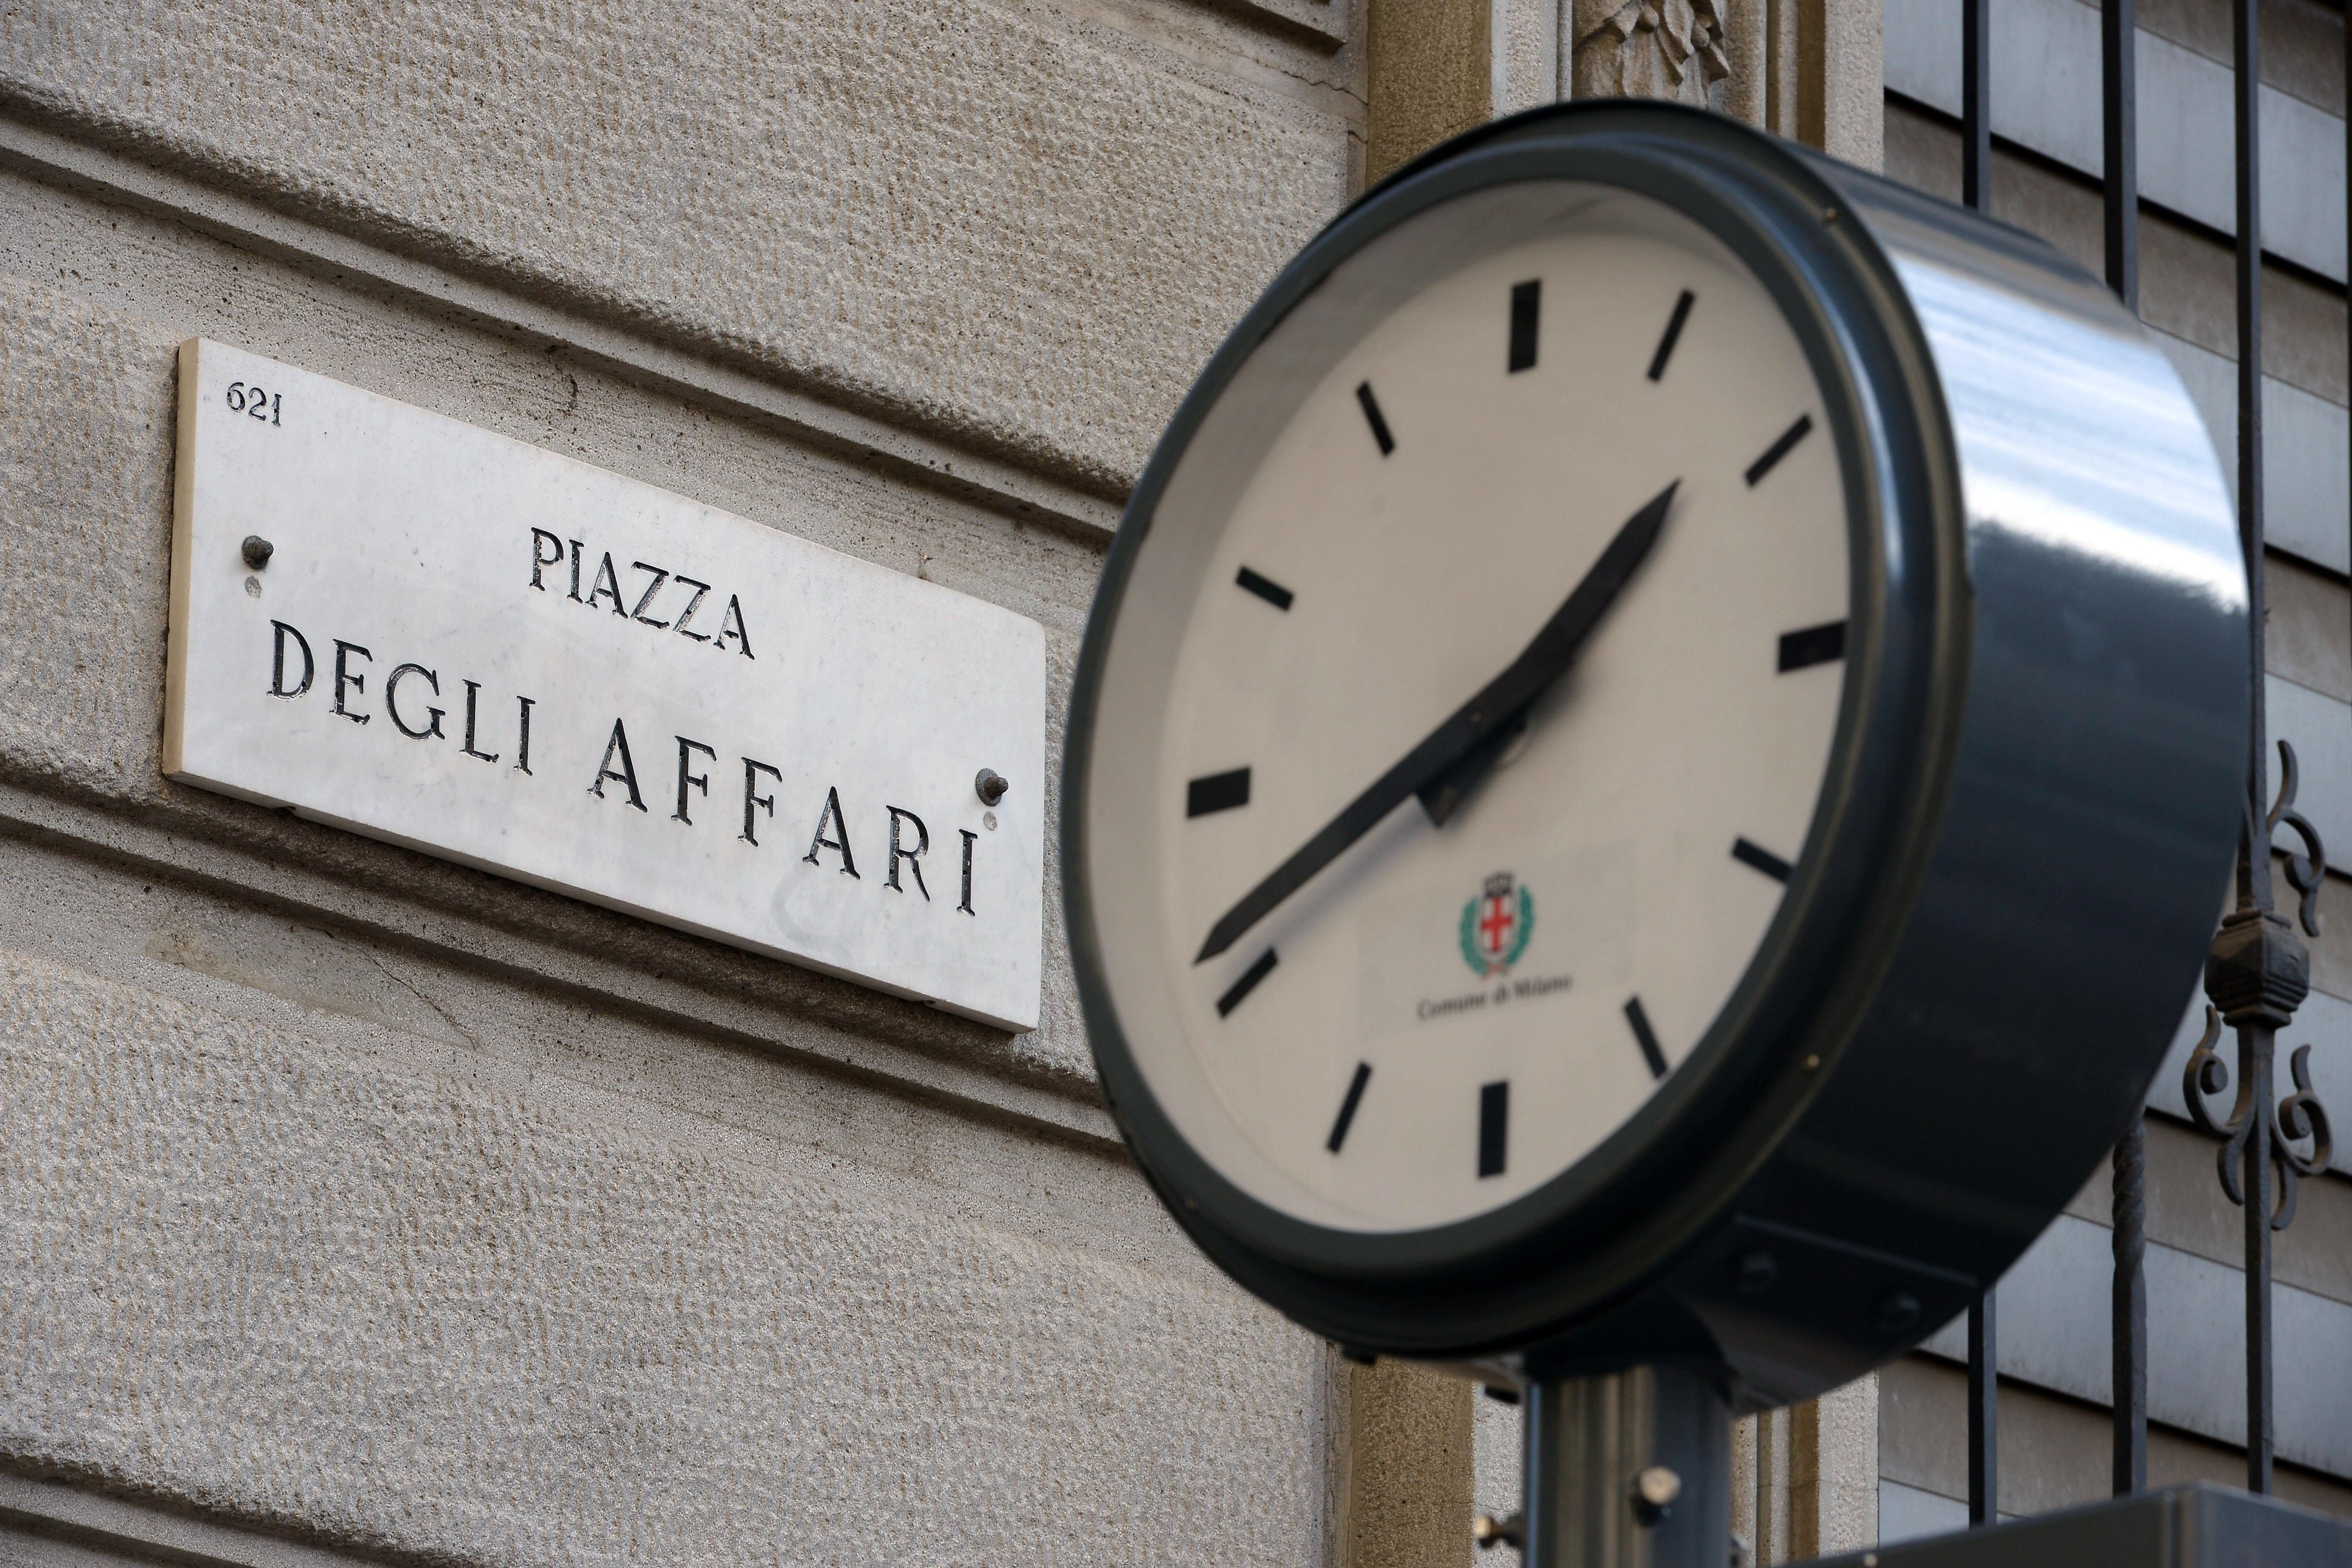 de2b6361f6 Borsa: apertura in calo per Milano, spread a 254 punti base - AGV